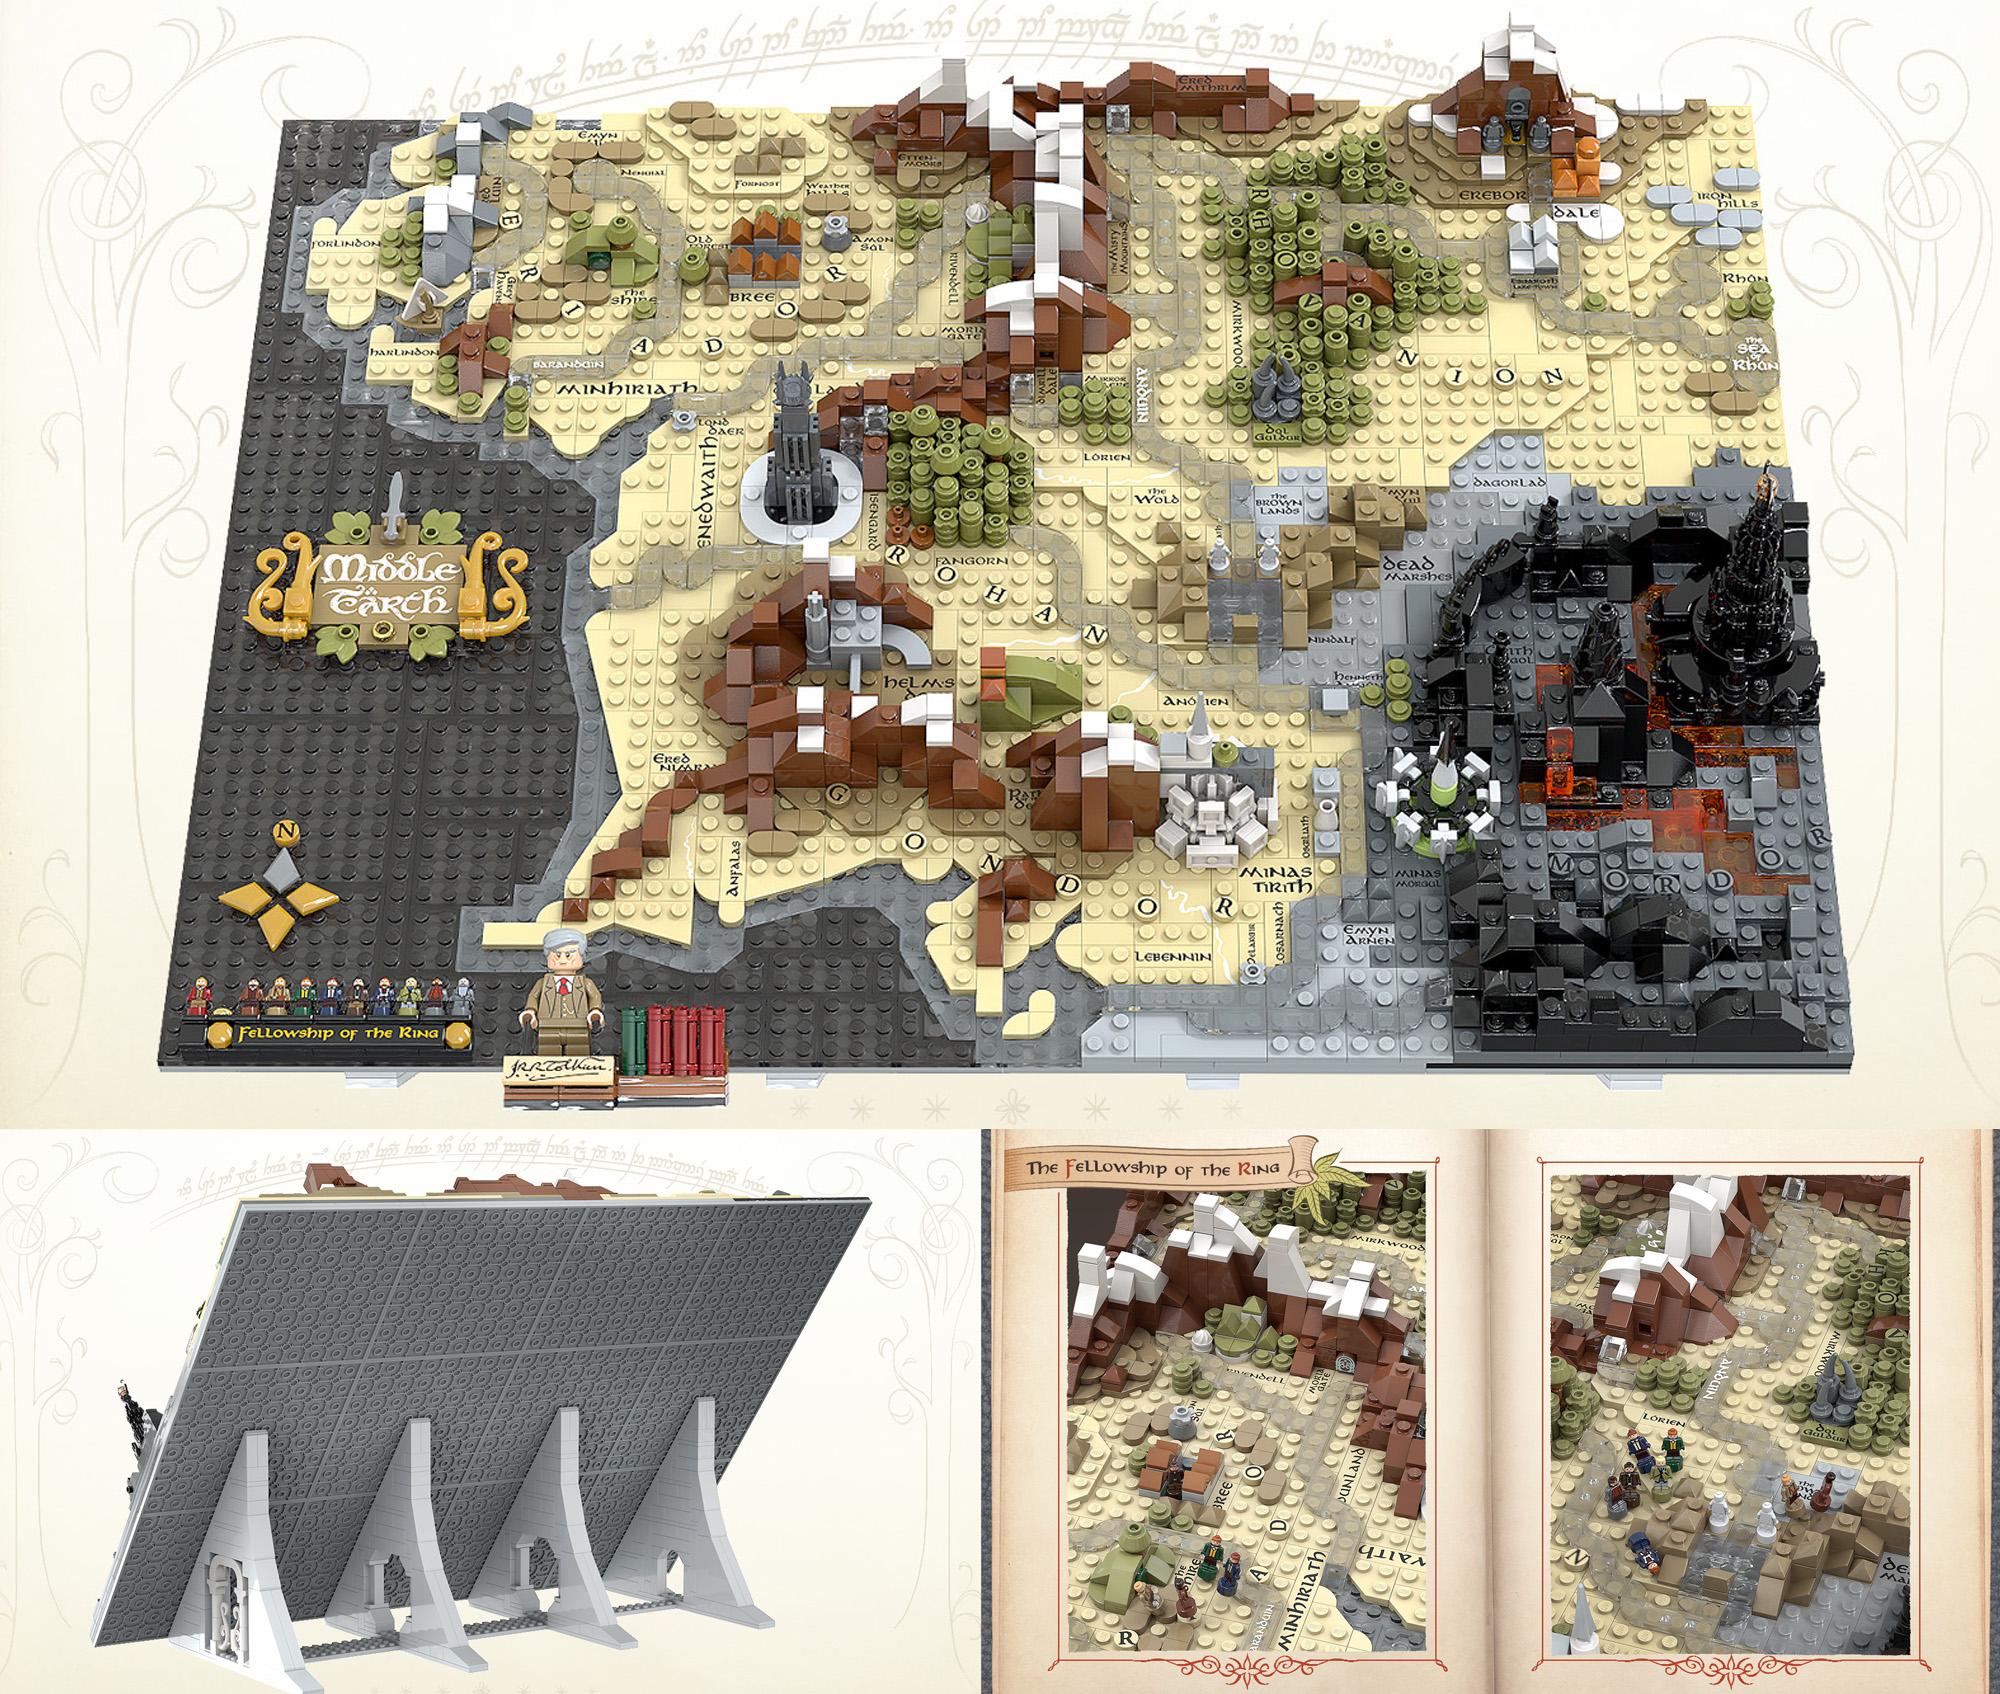 レゴアイデアで『中つ国の地図』が製品化レビュー進出!2021年第1回1万サポート獲得デザイン紹介